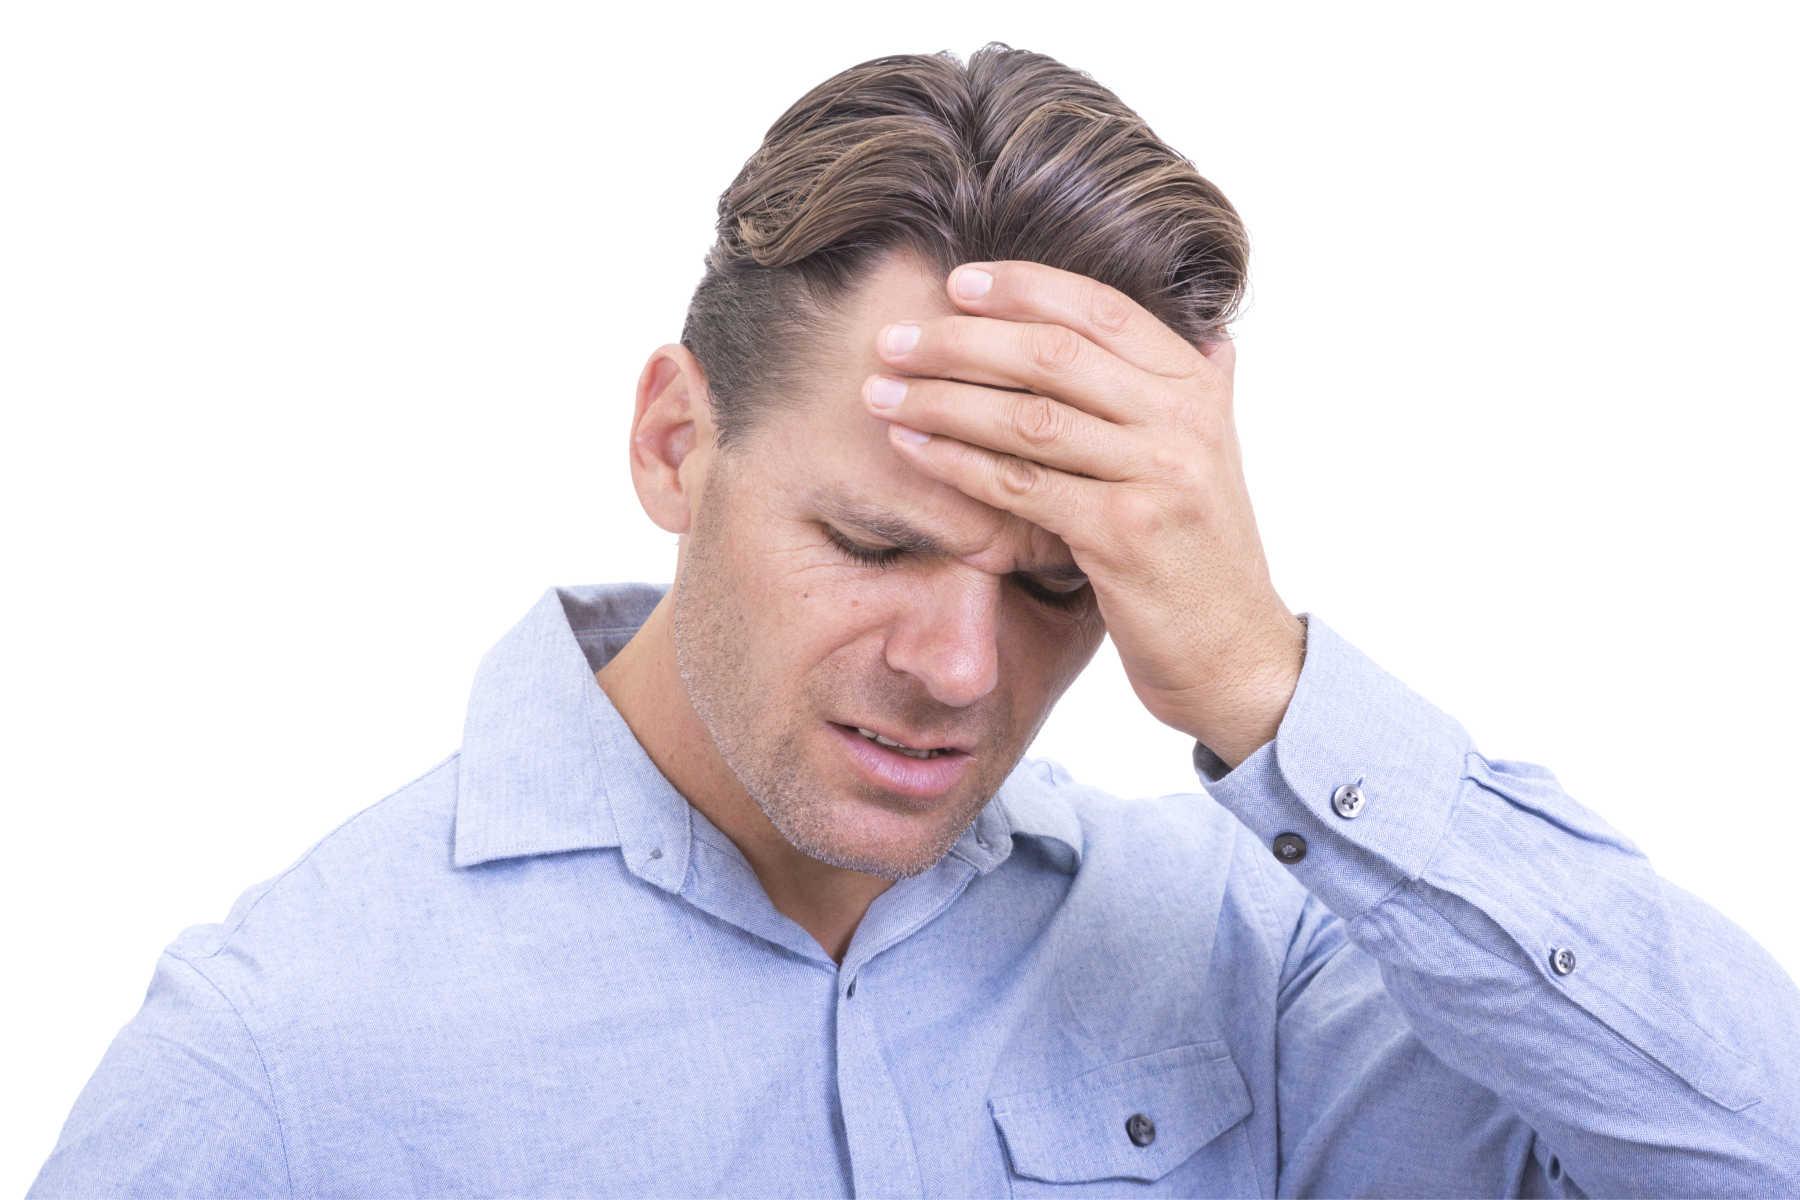 Cervikogen hodepine skyldes feilfunksjoner i nakken og er ofte en del av en spenningshodepine.